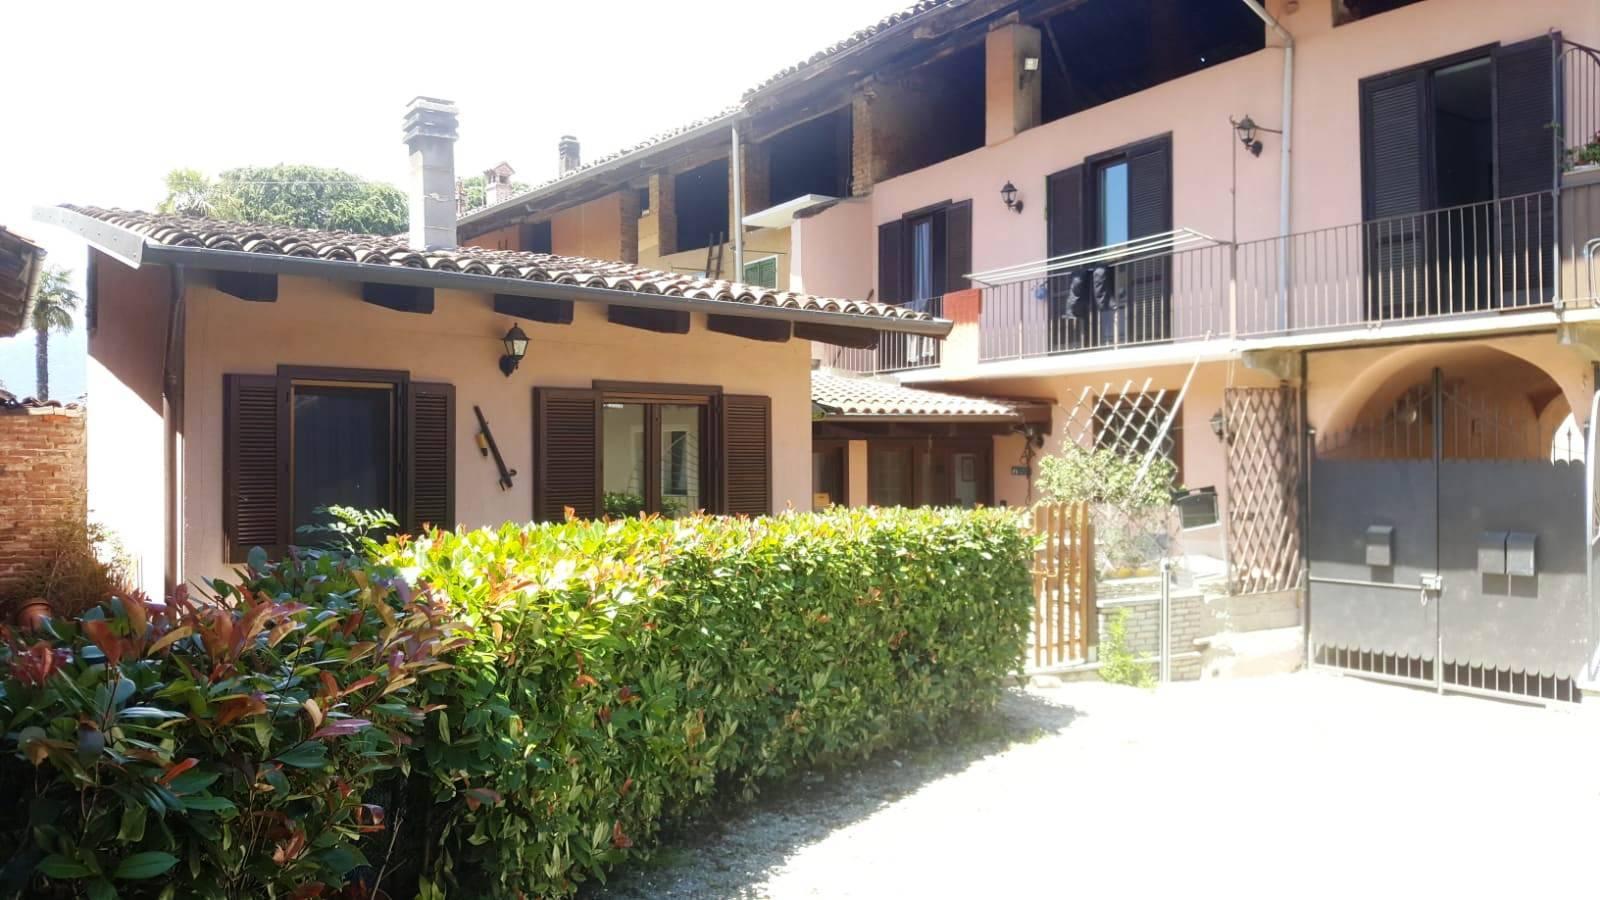 Soluzione Semindipendente in vendita a Oglianico, 5 locali, prezzo € 145.000 | CambioCasa.it